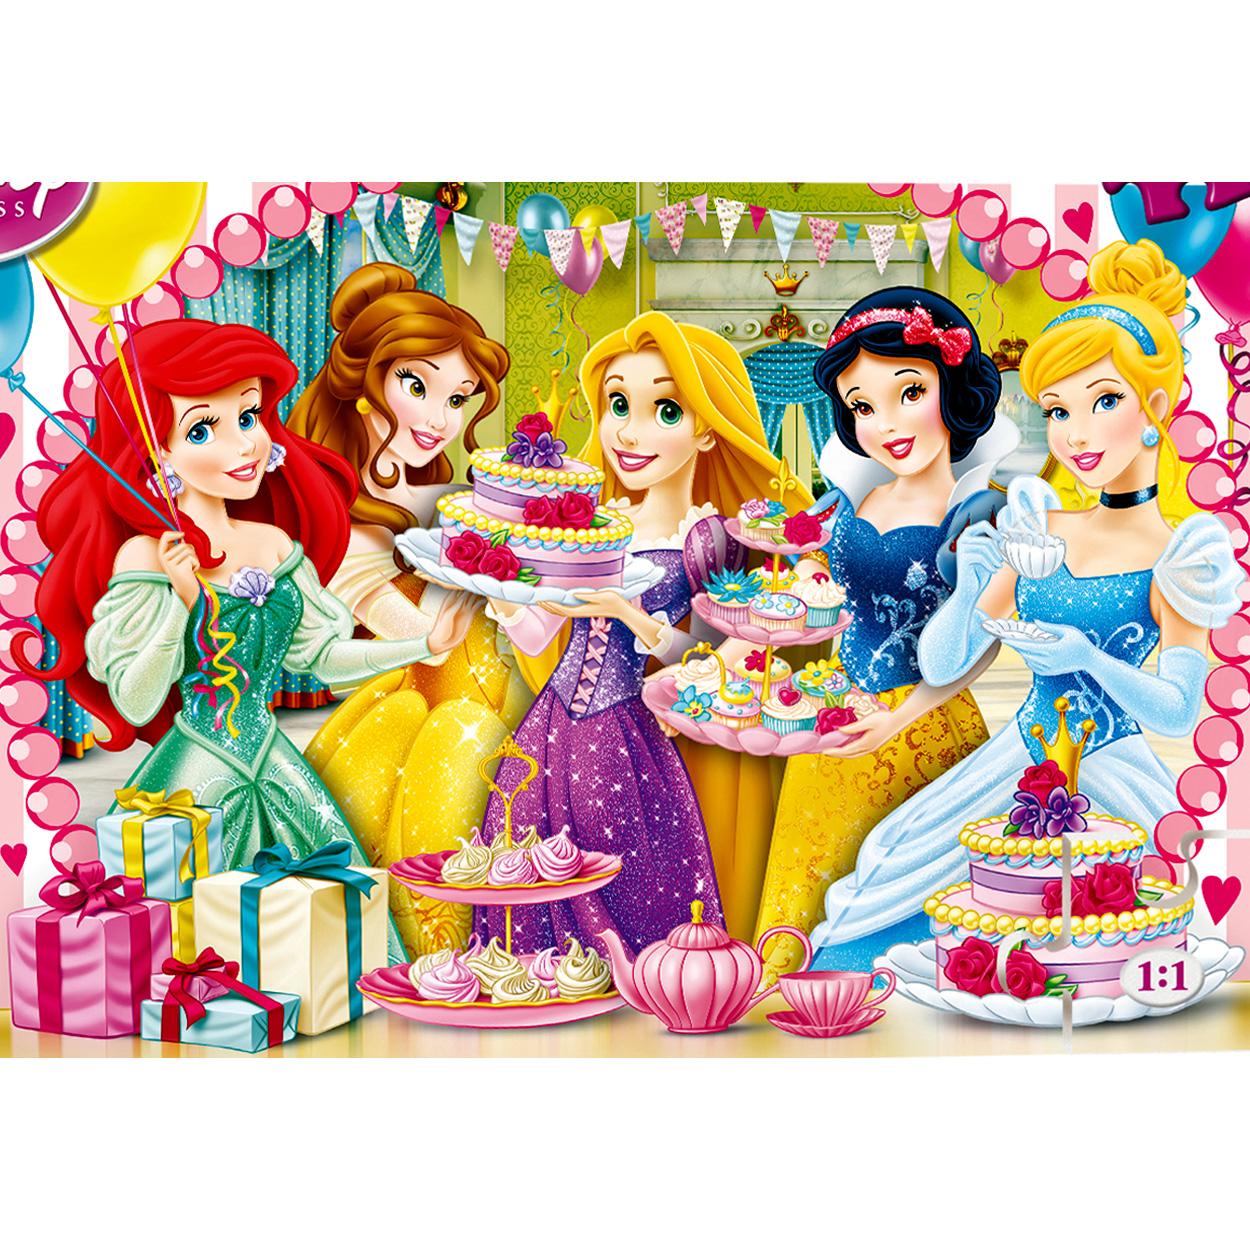 joyeux anniversaire princesse disney anniversaire. Black Bedroom Furniture Sets. Home Design Ideas